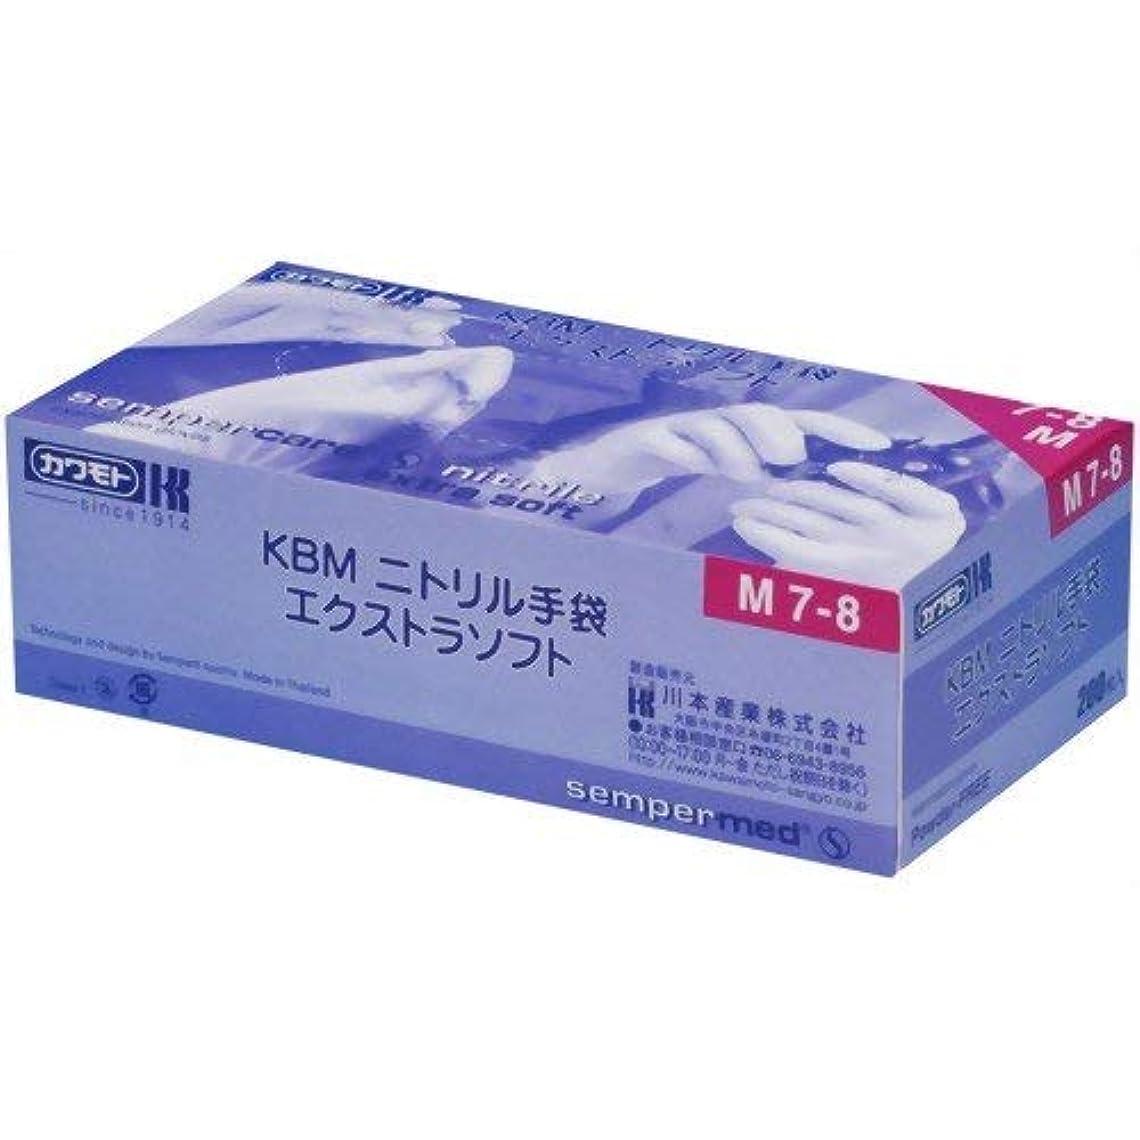 実質的にテクスチャー銀河川本産業 KBMニトリル手袋 エクストラソフト L 200枚入 × 24個セット